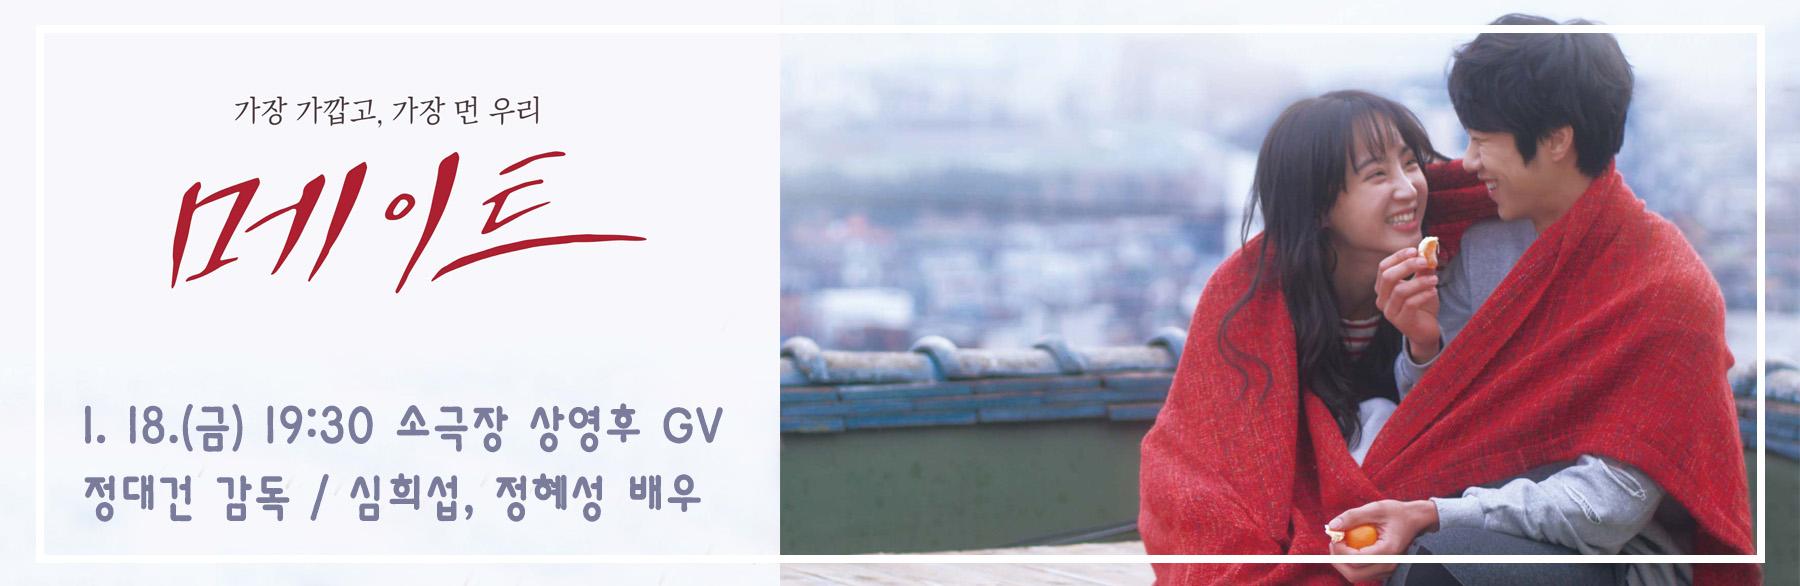 가장 가깝고 가장 먼 우리 메이트 1.18(금) 19:30 소극장 상영후 GV 정대건 감독 심희섭 정혜성 배우